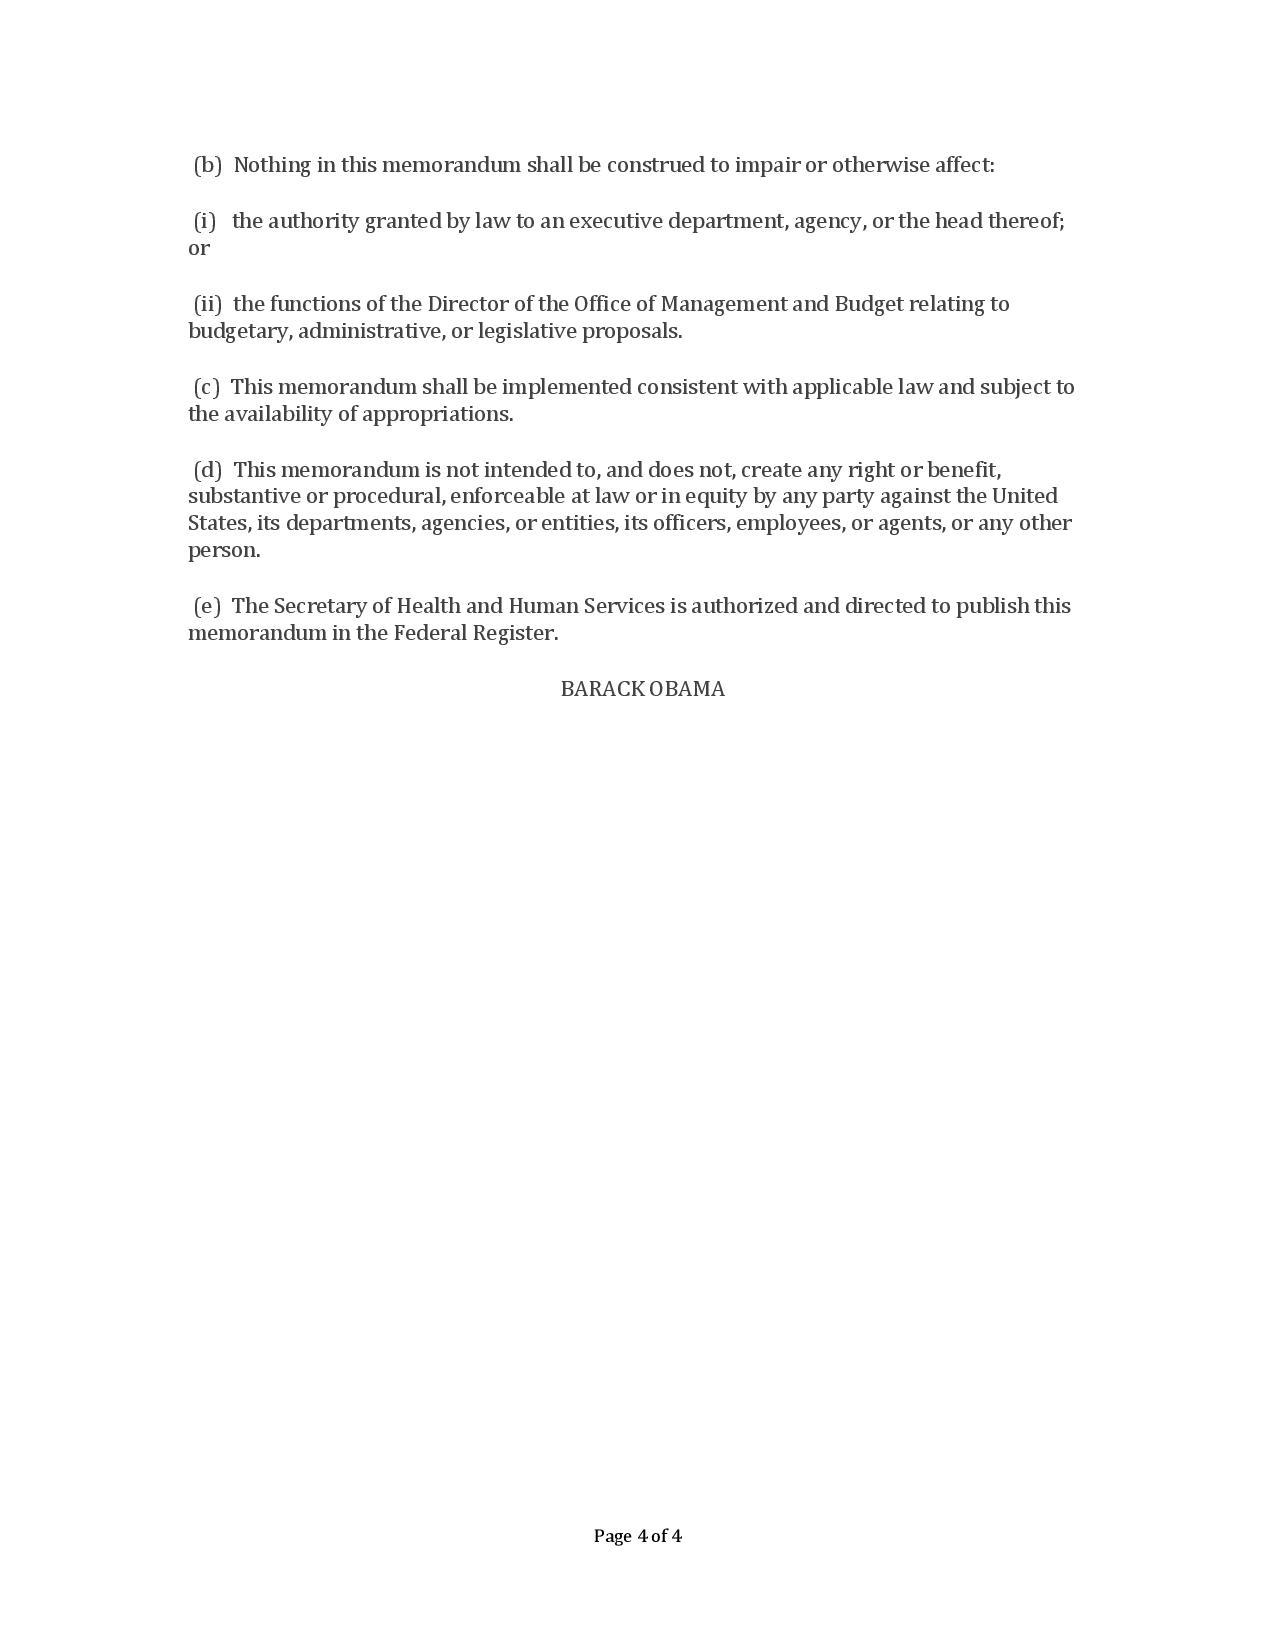 WH_PresMemo-EstabWrkgGrpIntersectionHIV-AIDS-VAWandGirlsandGender-RelatedHealthDisparities_3-30-2012-page-004.jpg